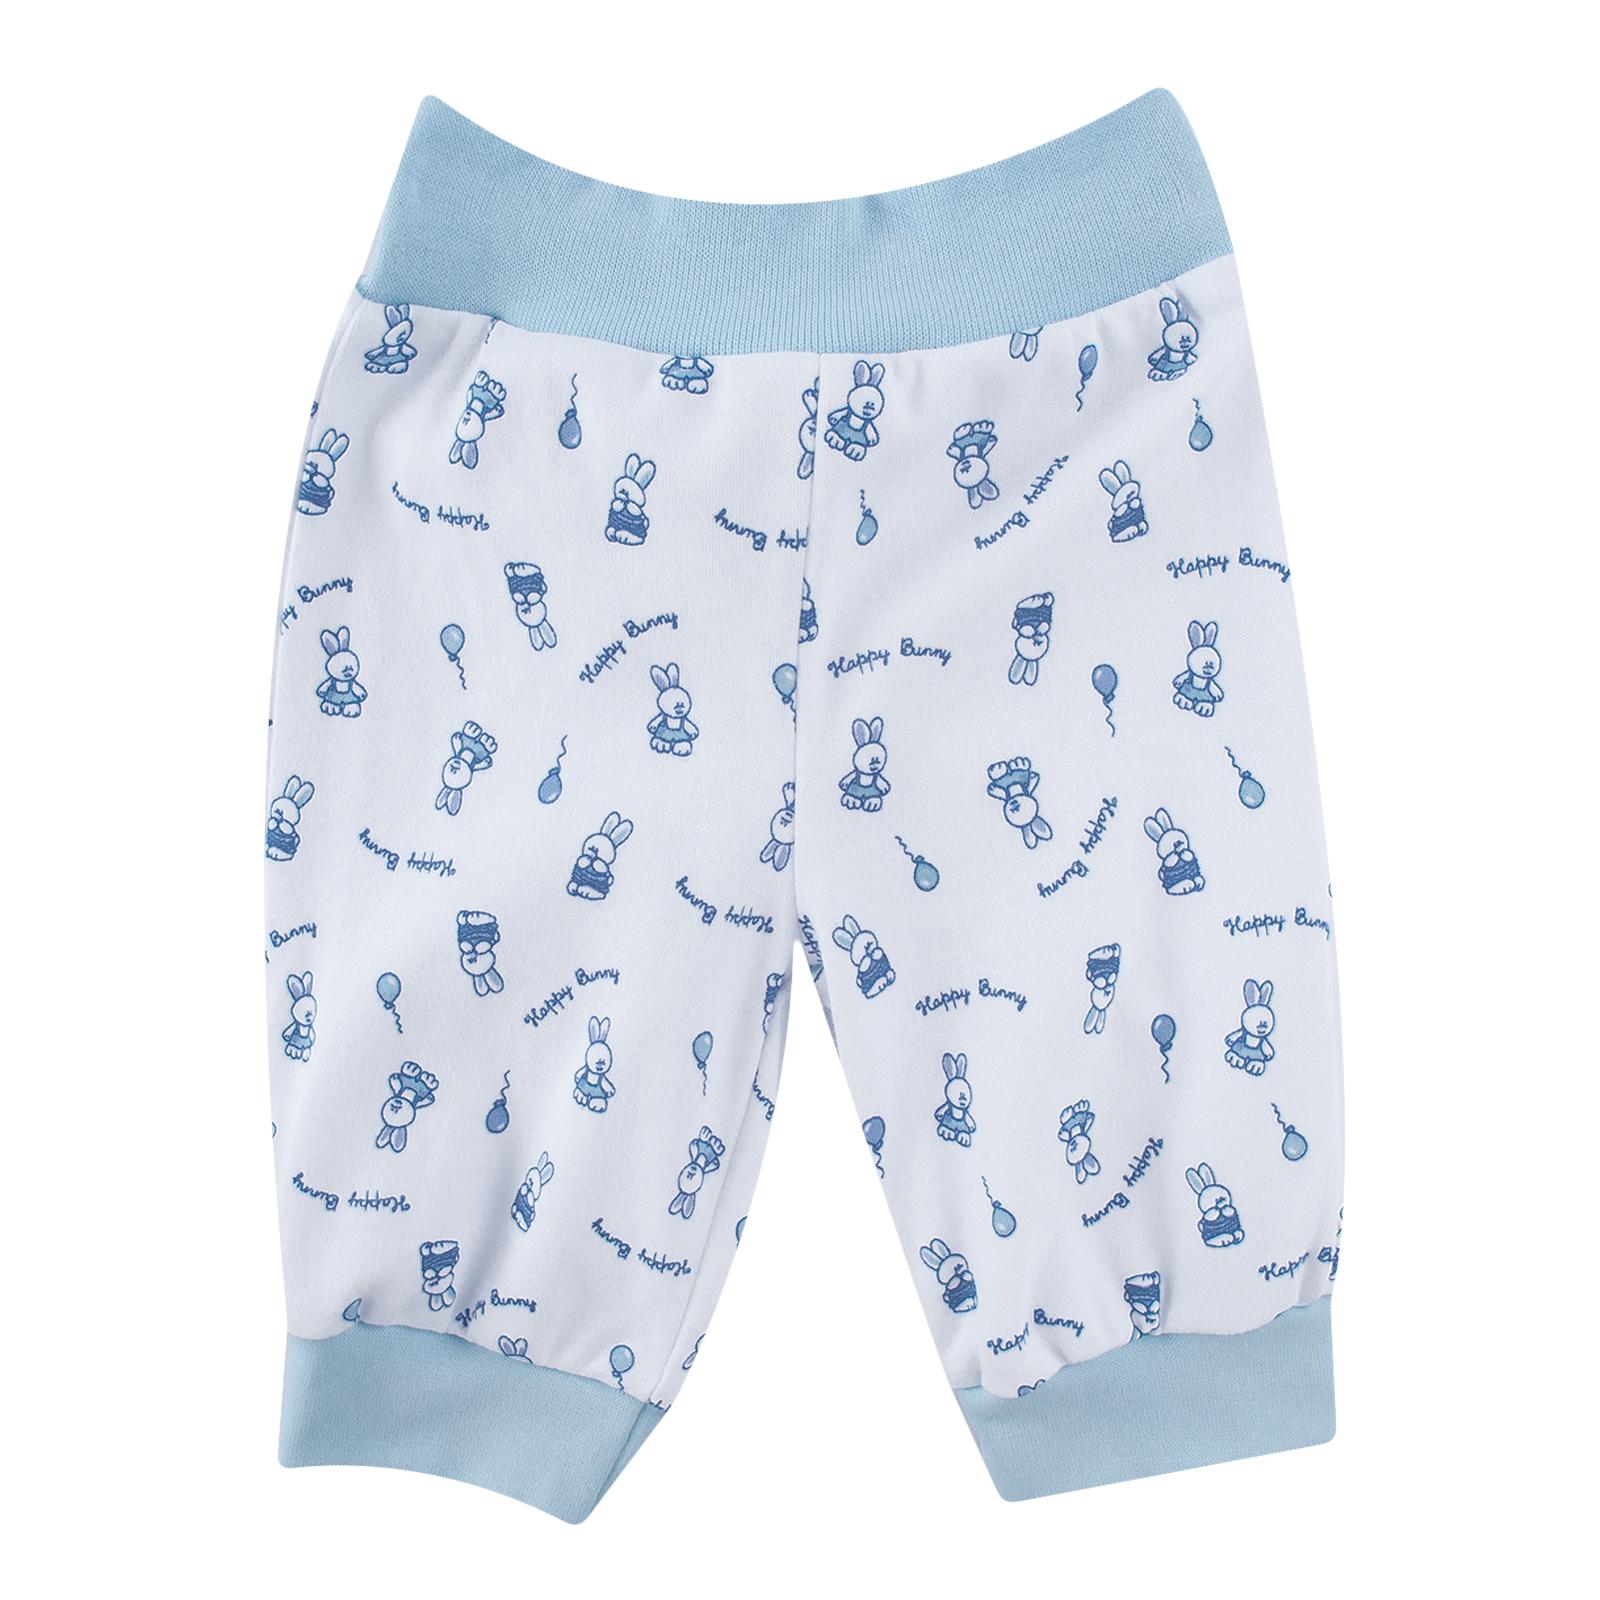 Штанишки КОТМАРКОТ для мальчика, цвет набивка голубой тон 0-1 мес (размер 50)<br>